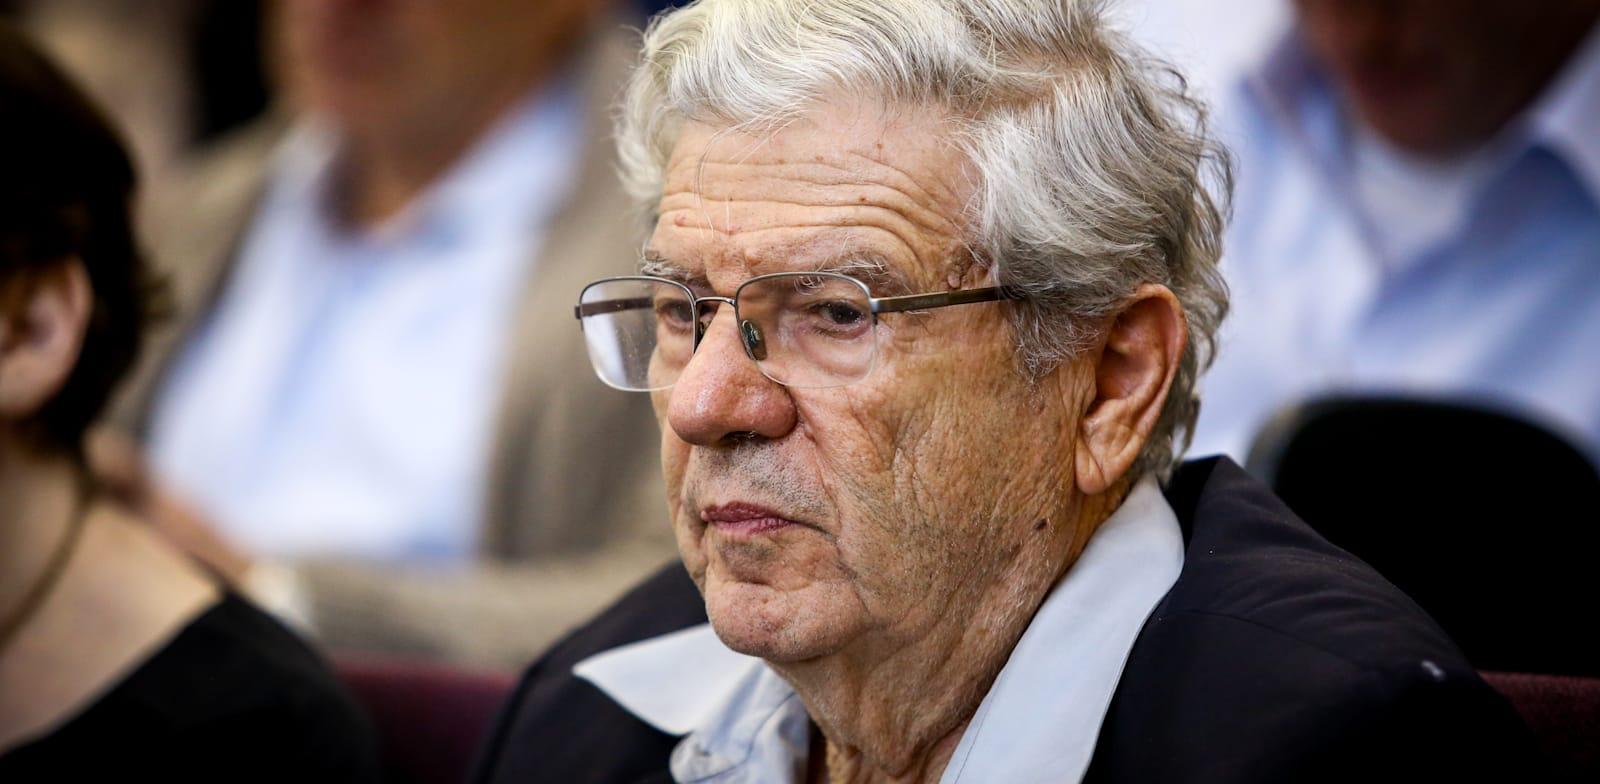 נשיא בית המשפט העליון בדימוס אהרן ברק / צילום: שלומי יוסף